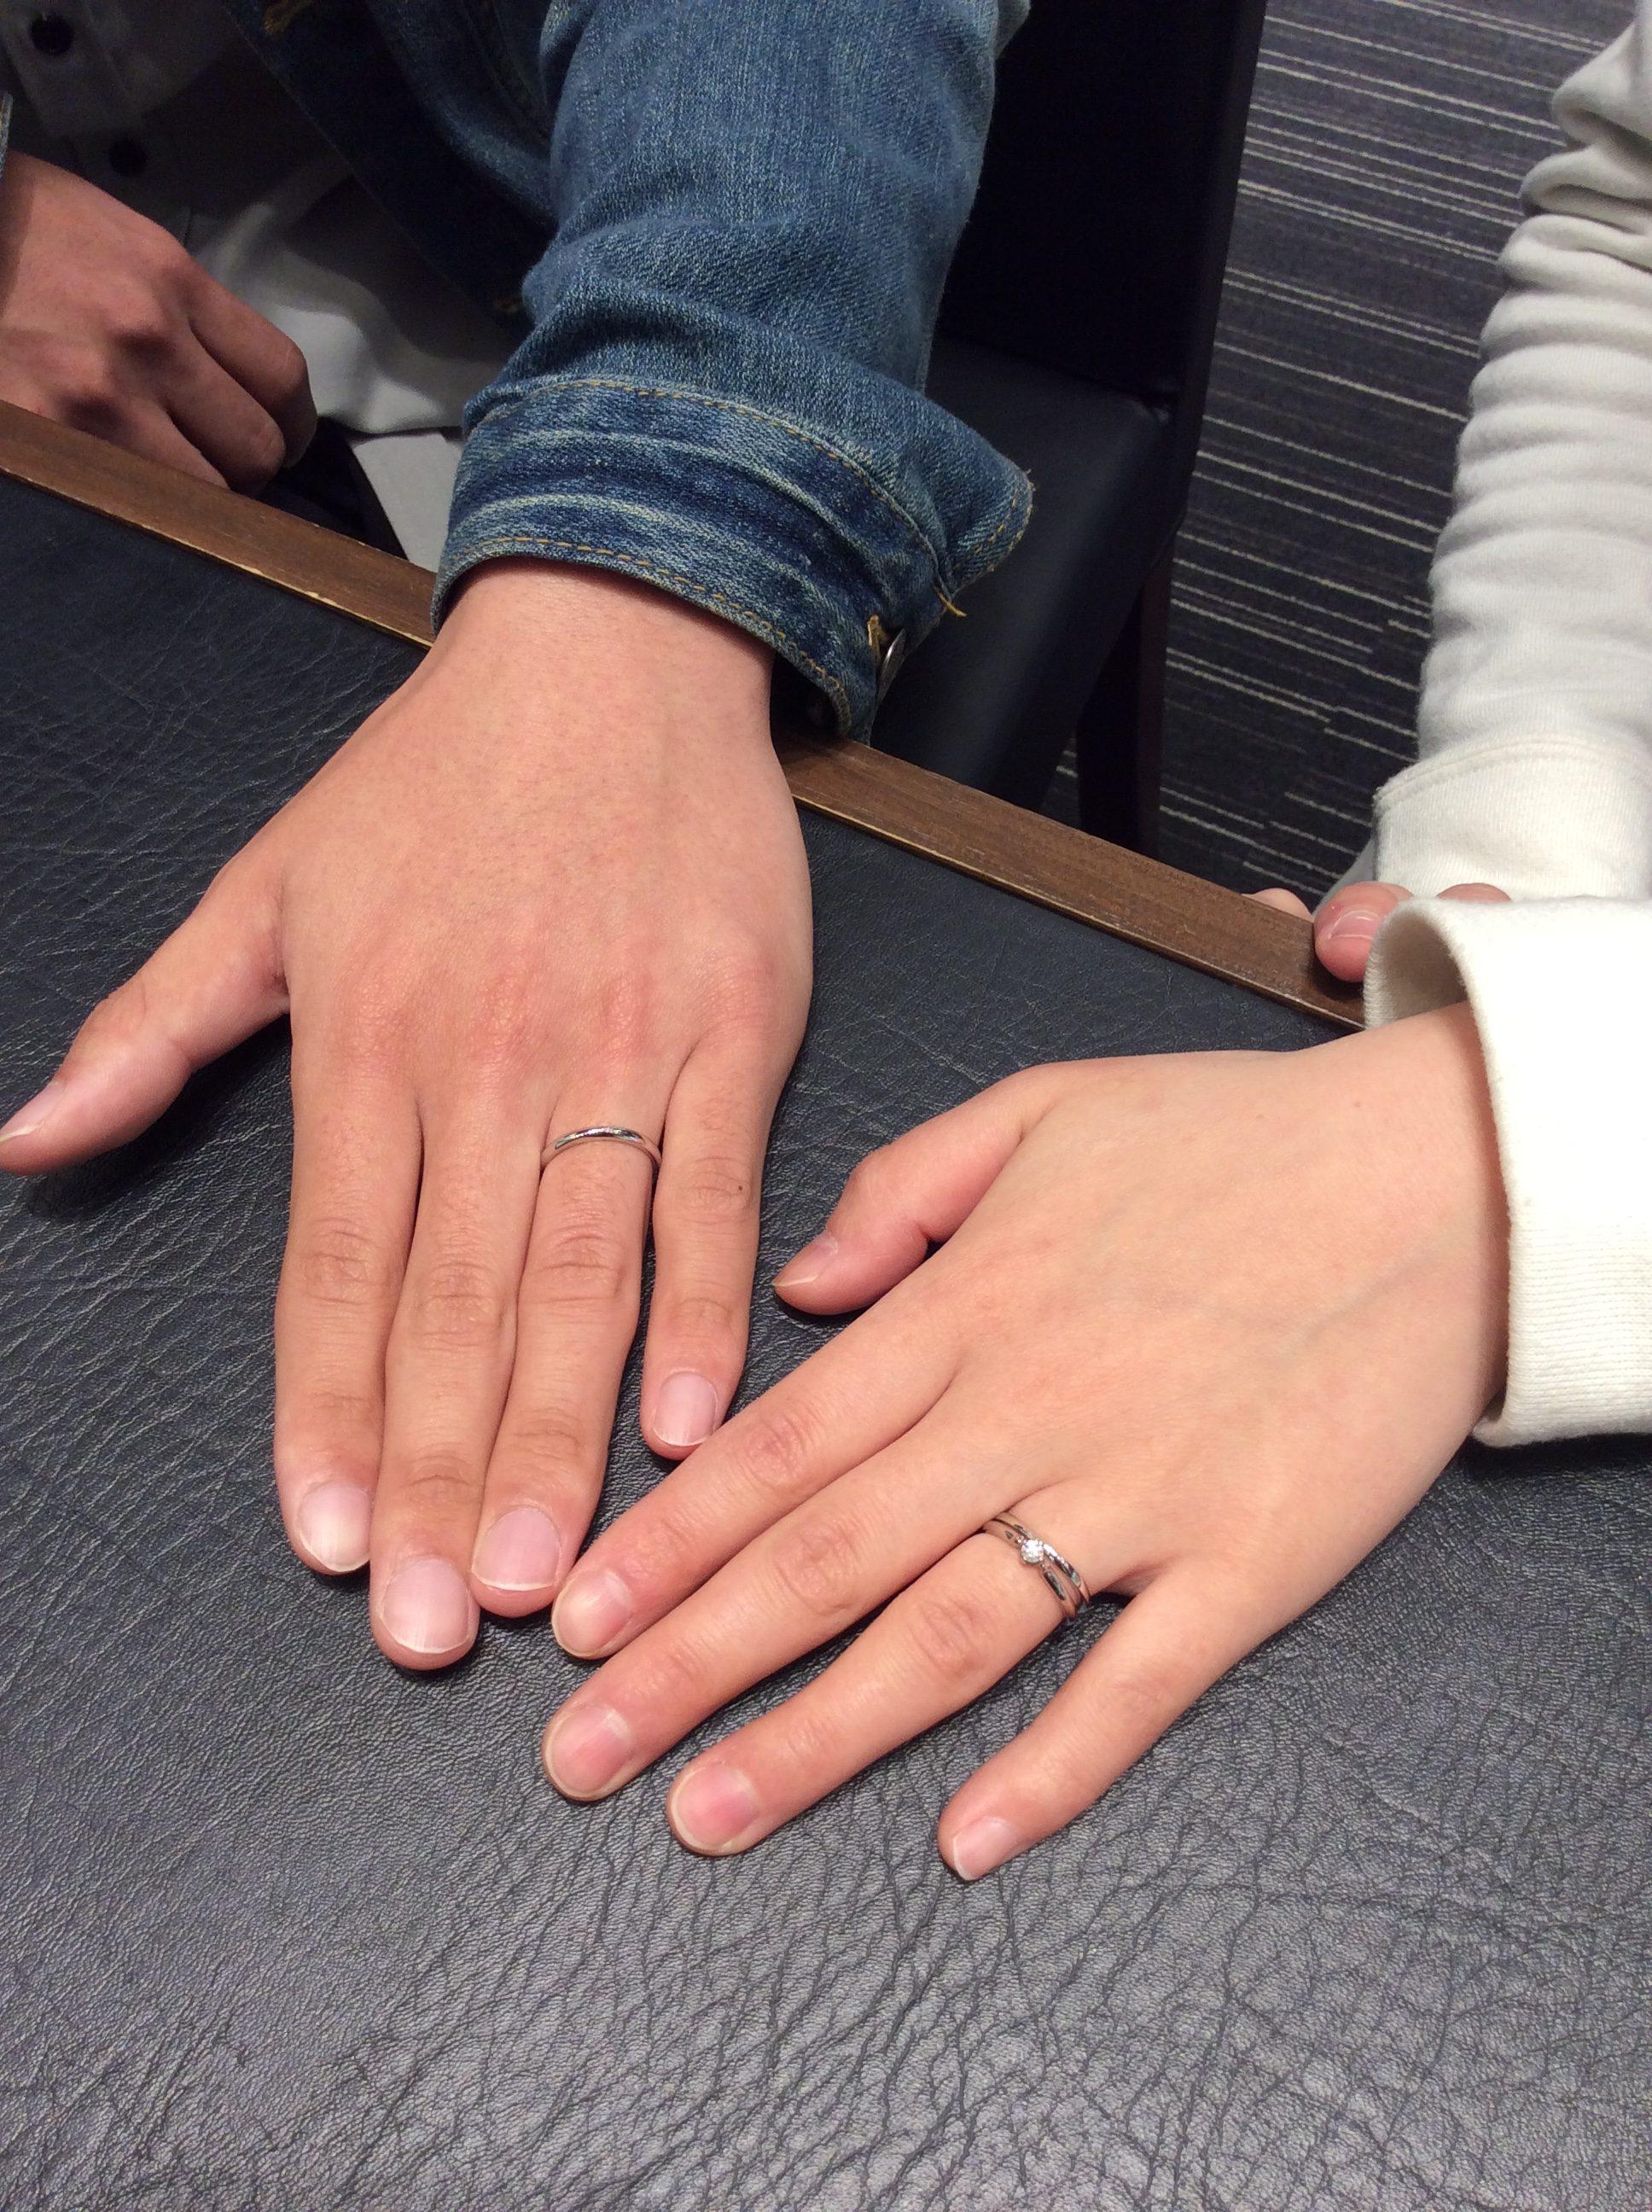 【長野県中野市】結婚指輪はルシエのリファージュをご成約 / R様&A様